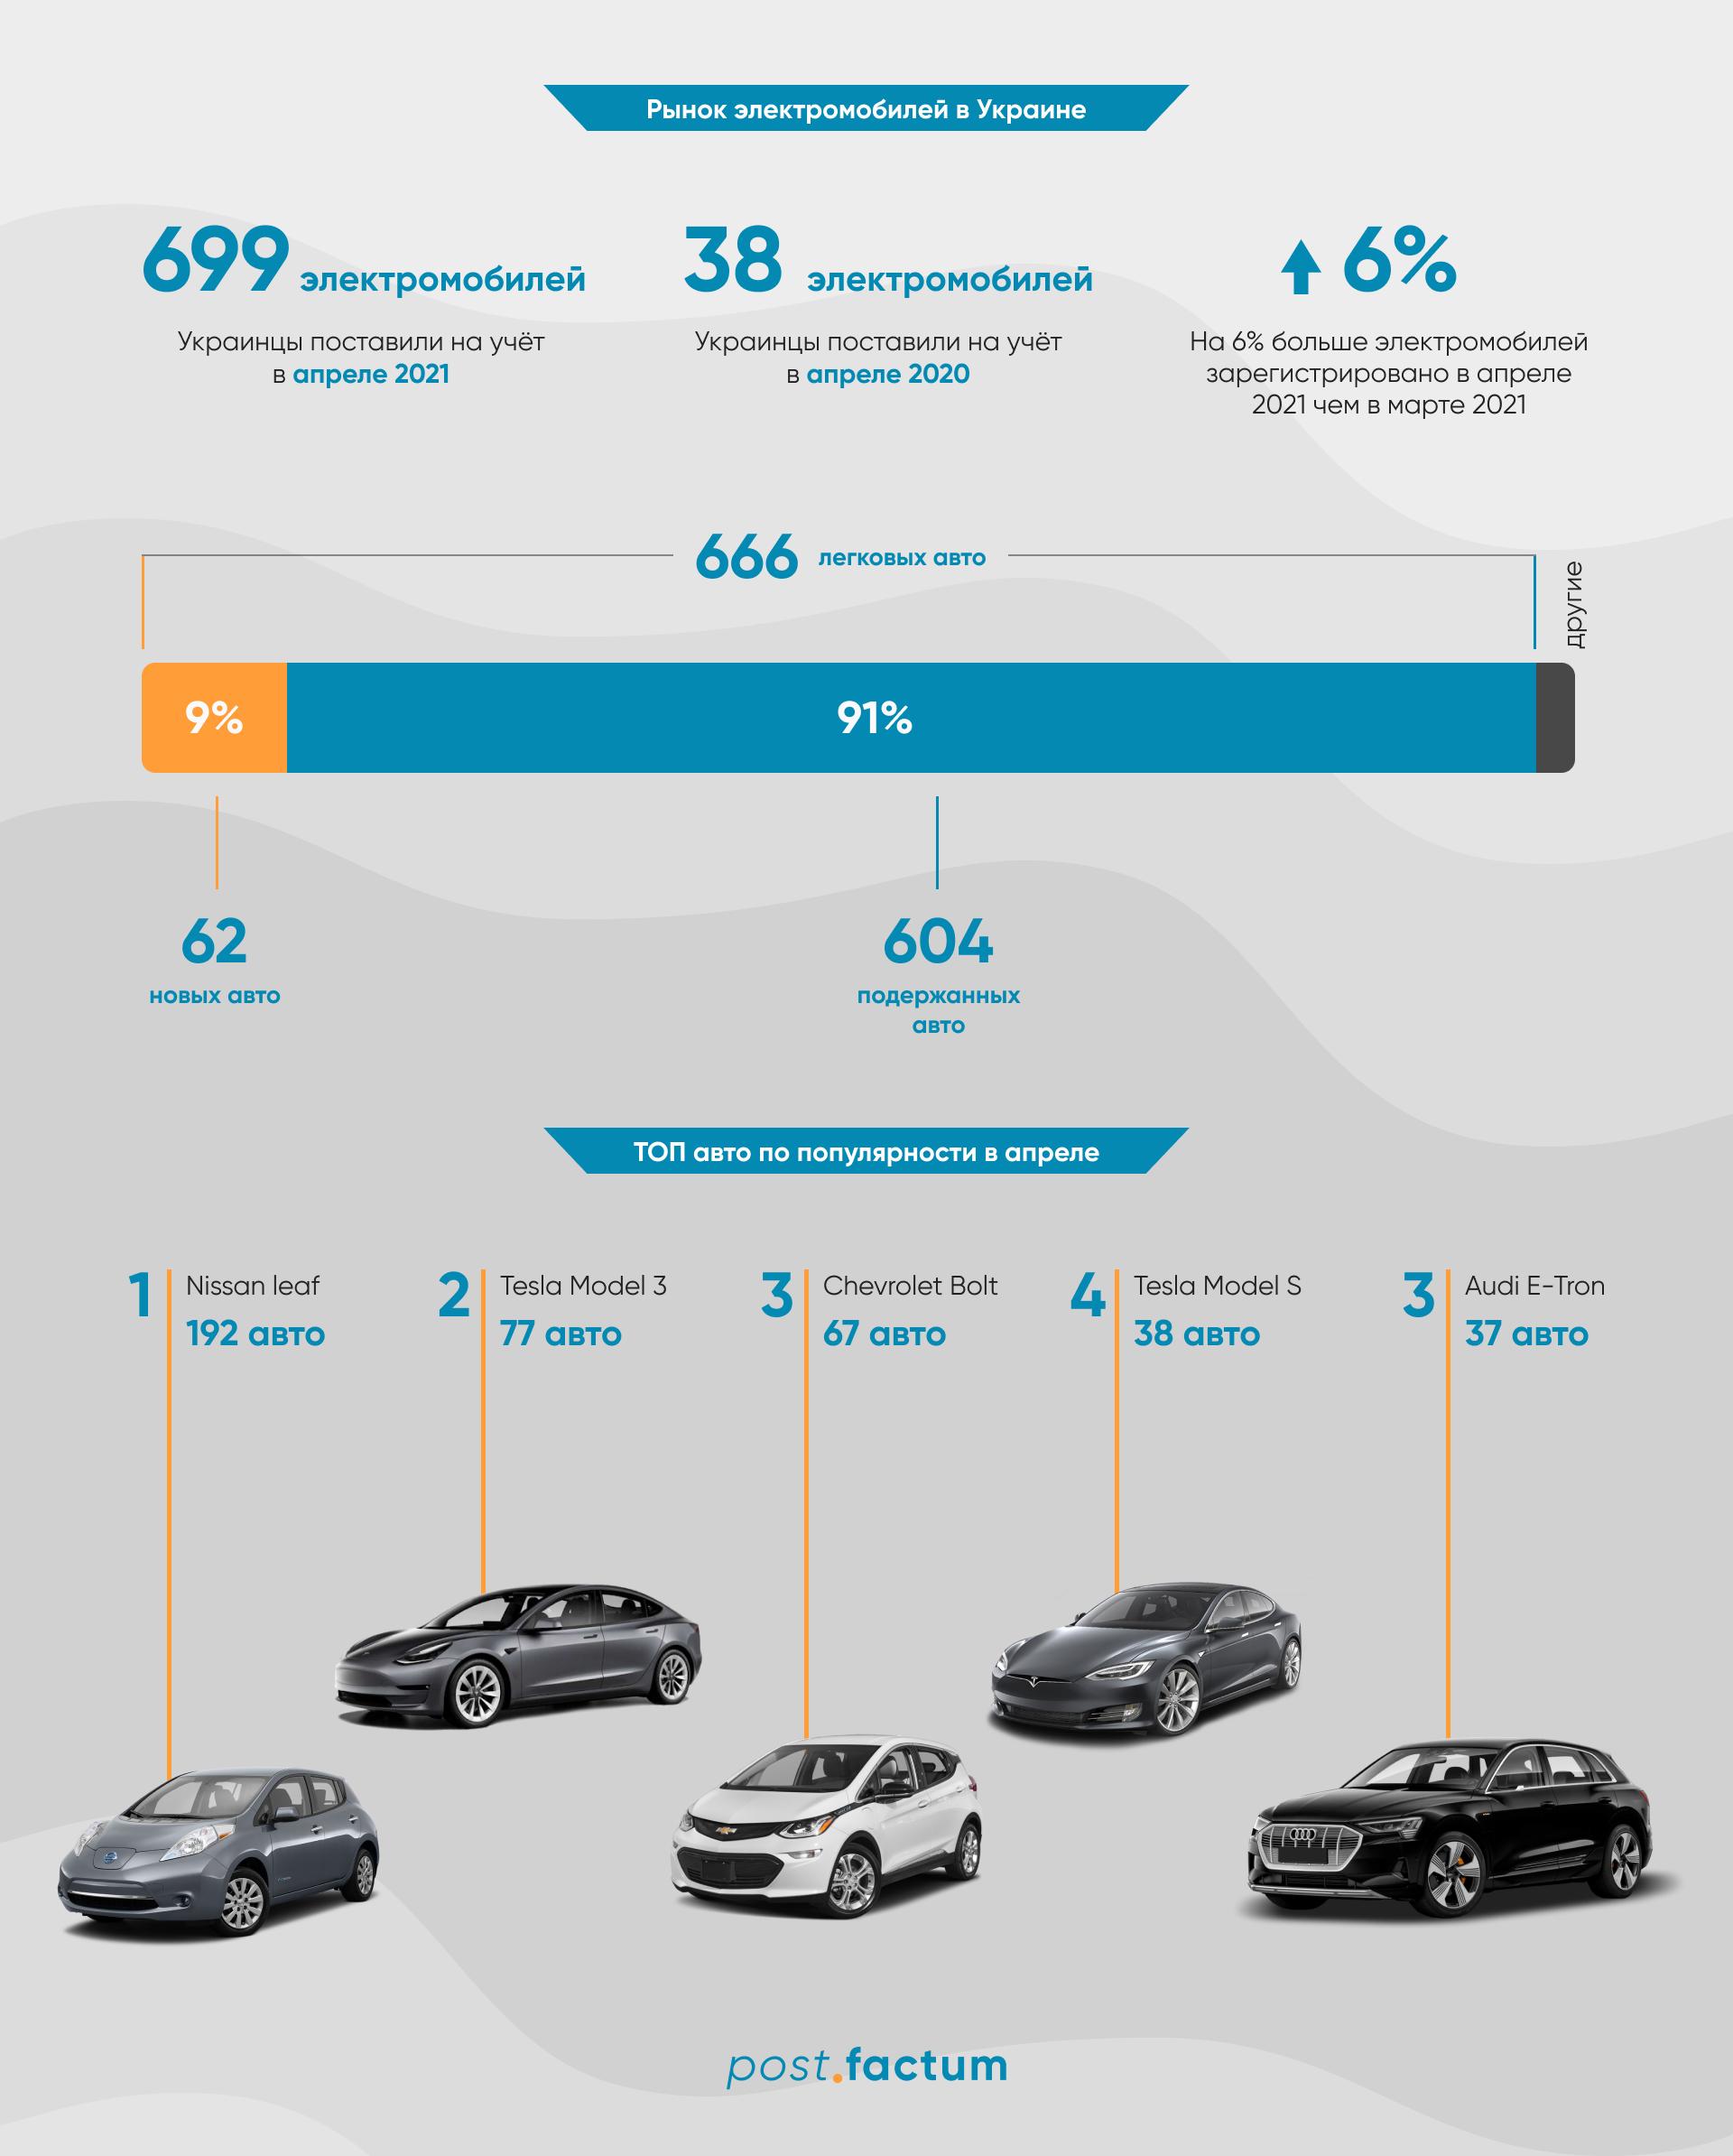 Инфографика: украинцы стали покупать больше электромобилей — фото 1